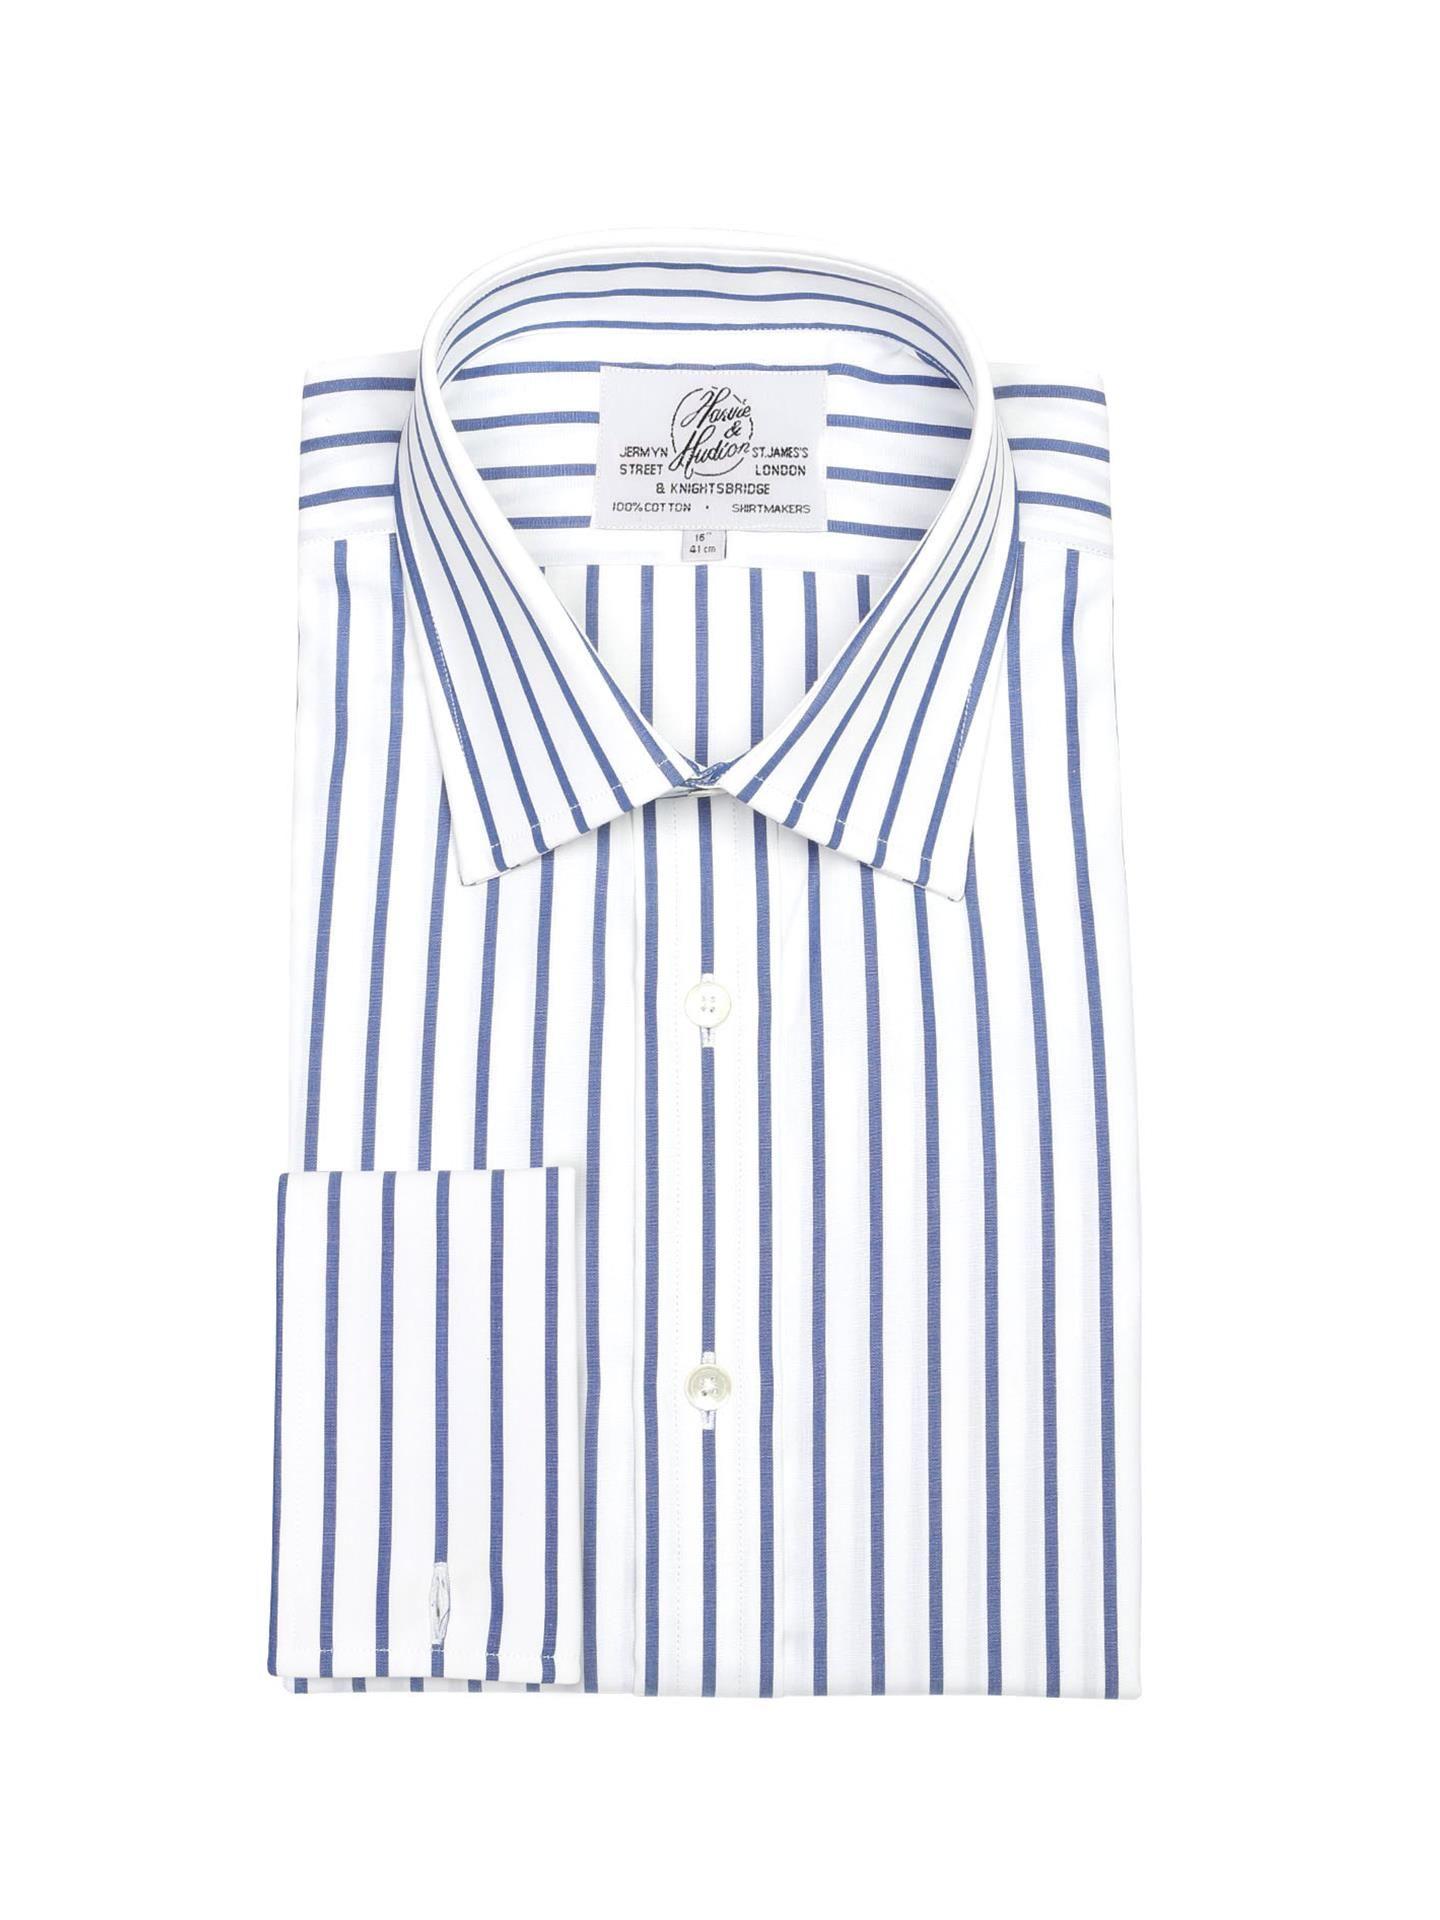 6b1ca2225a5 Мужская рубашка под запонки большого размера с длинным рукавом белая в  синюю полоску Harvie   Hudson